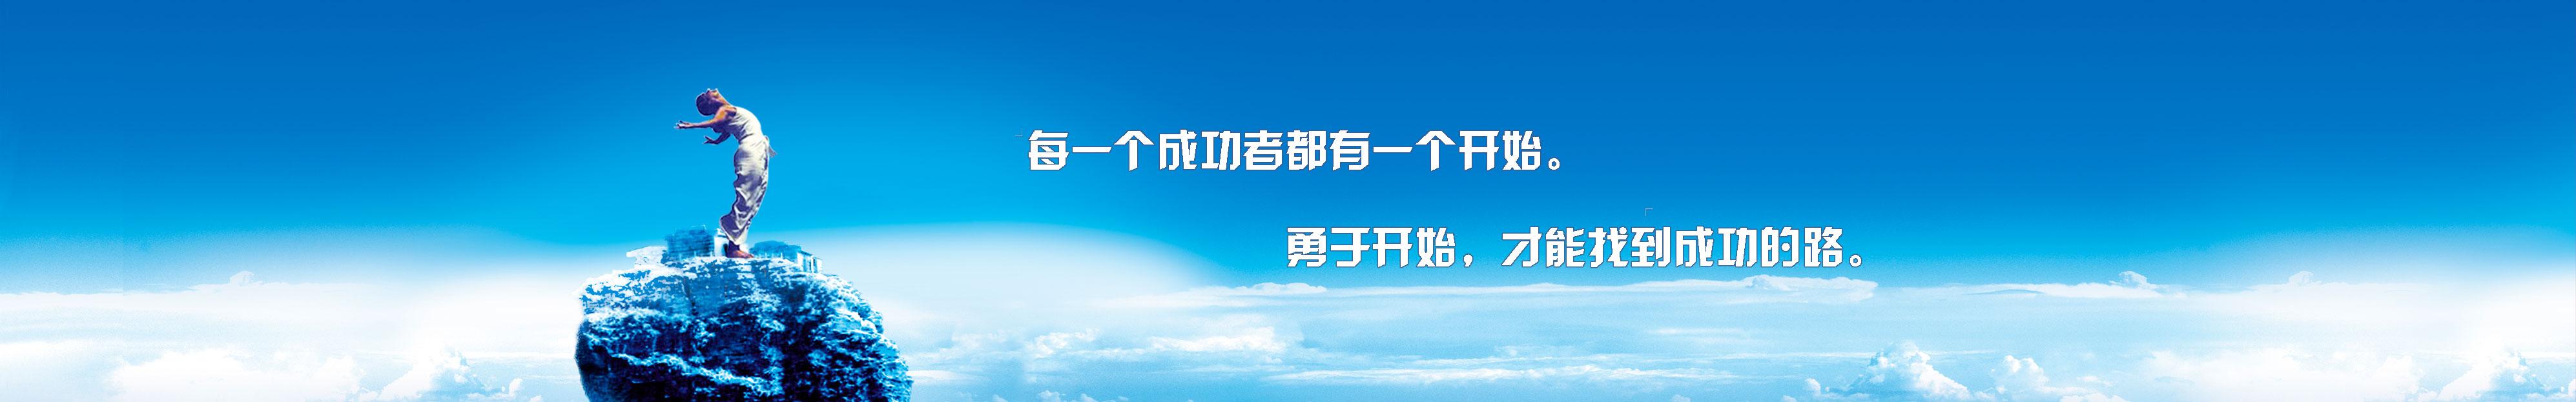 贵州消防水泡